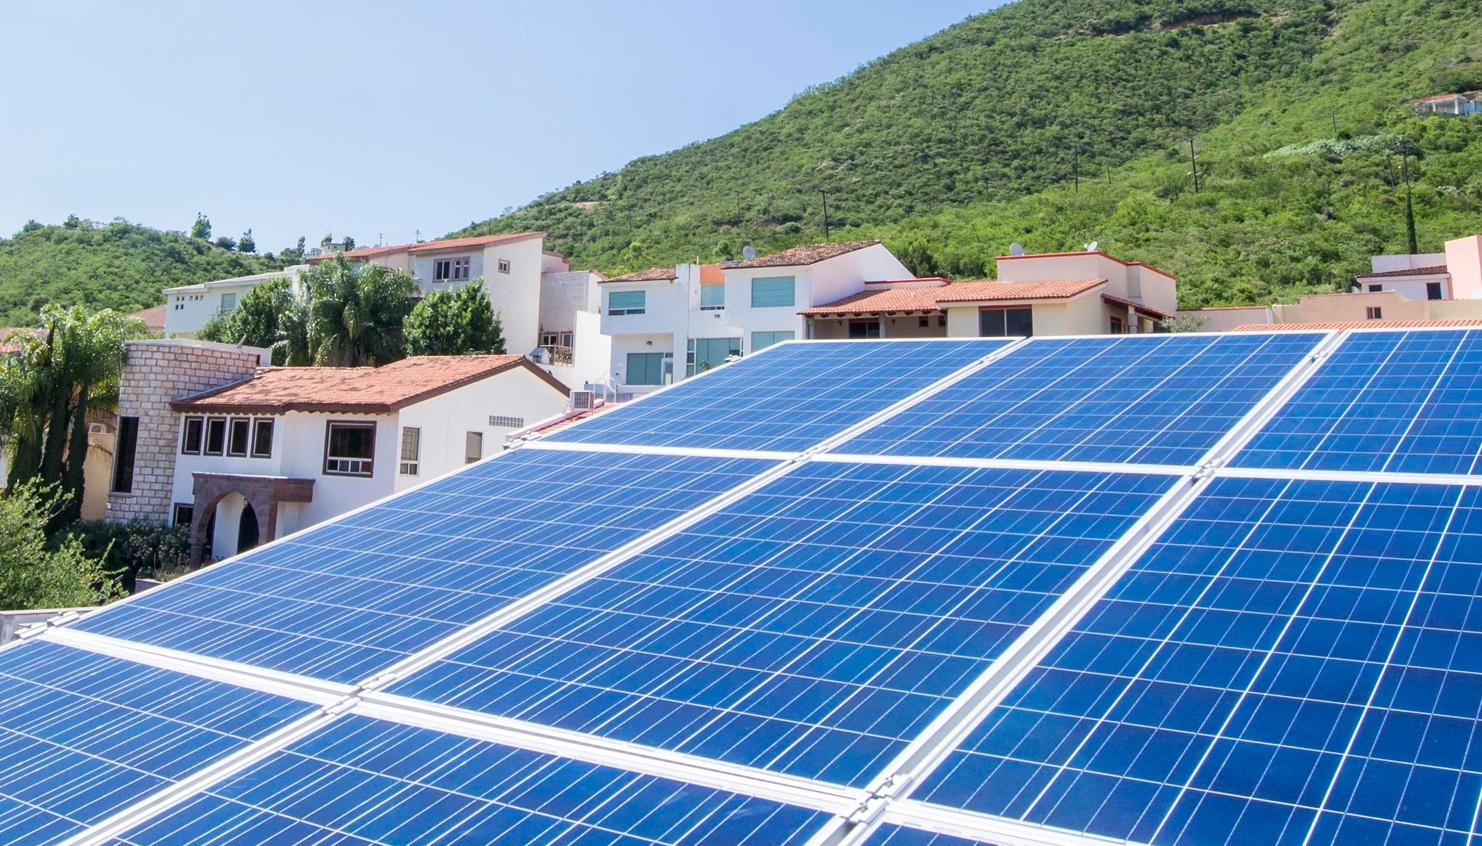 Paneles solares para casa cheap preguntas acerca de la for Puedo poner placas solares en mi casa